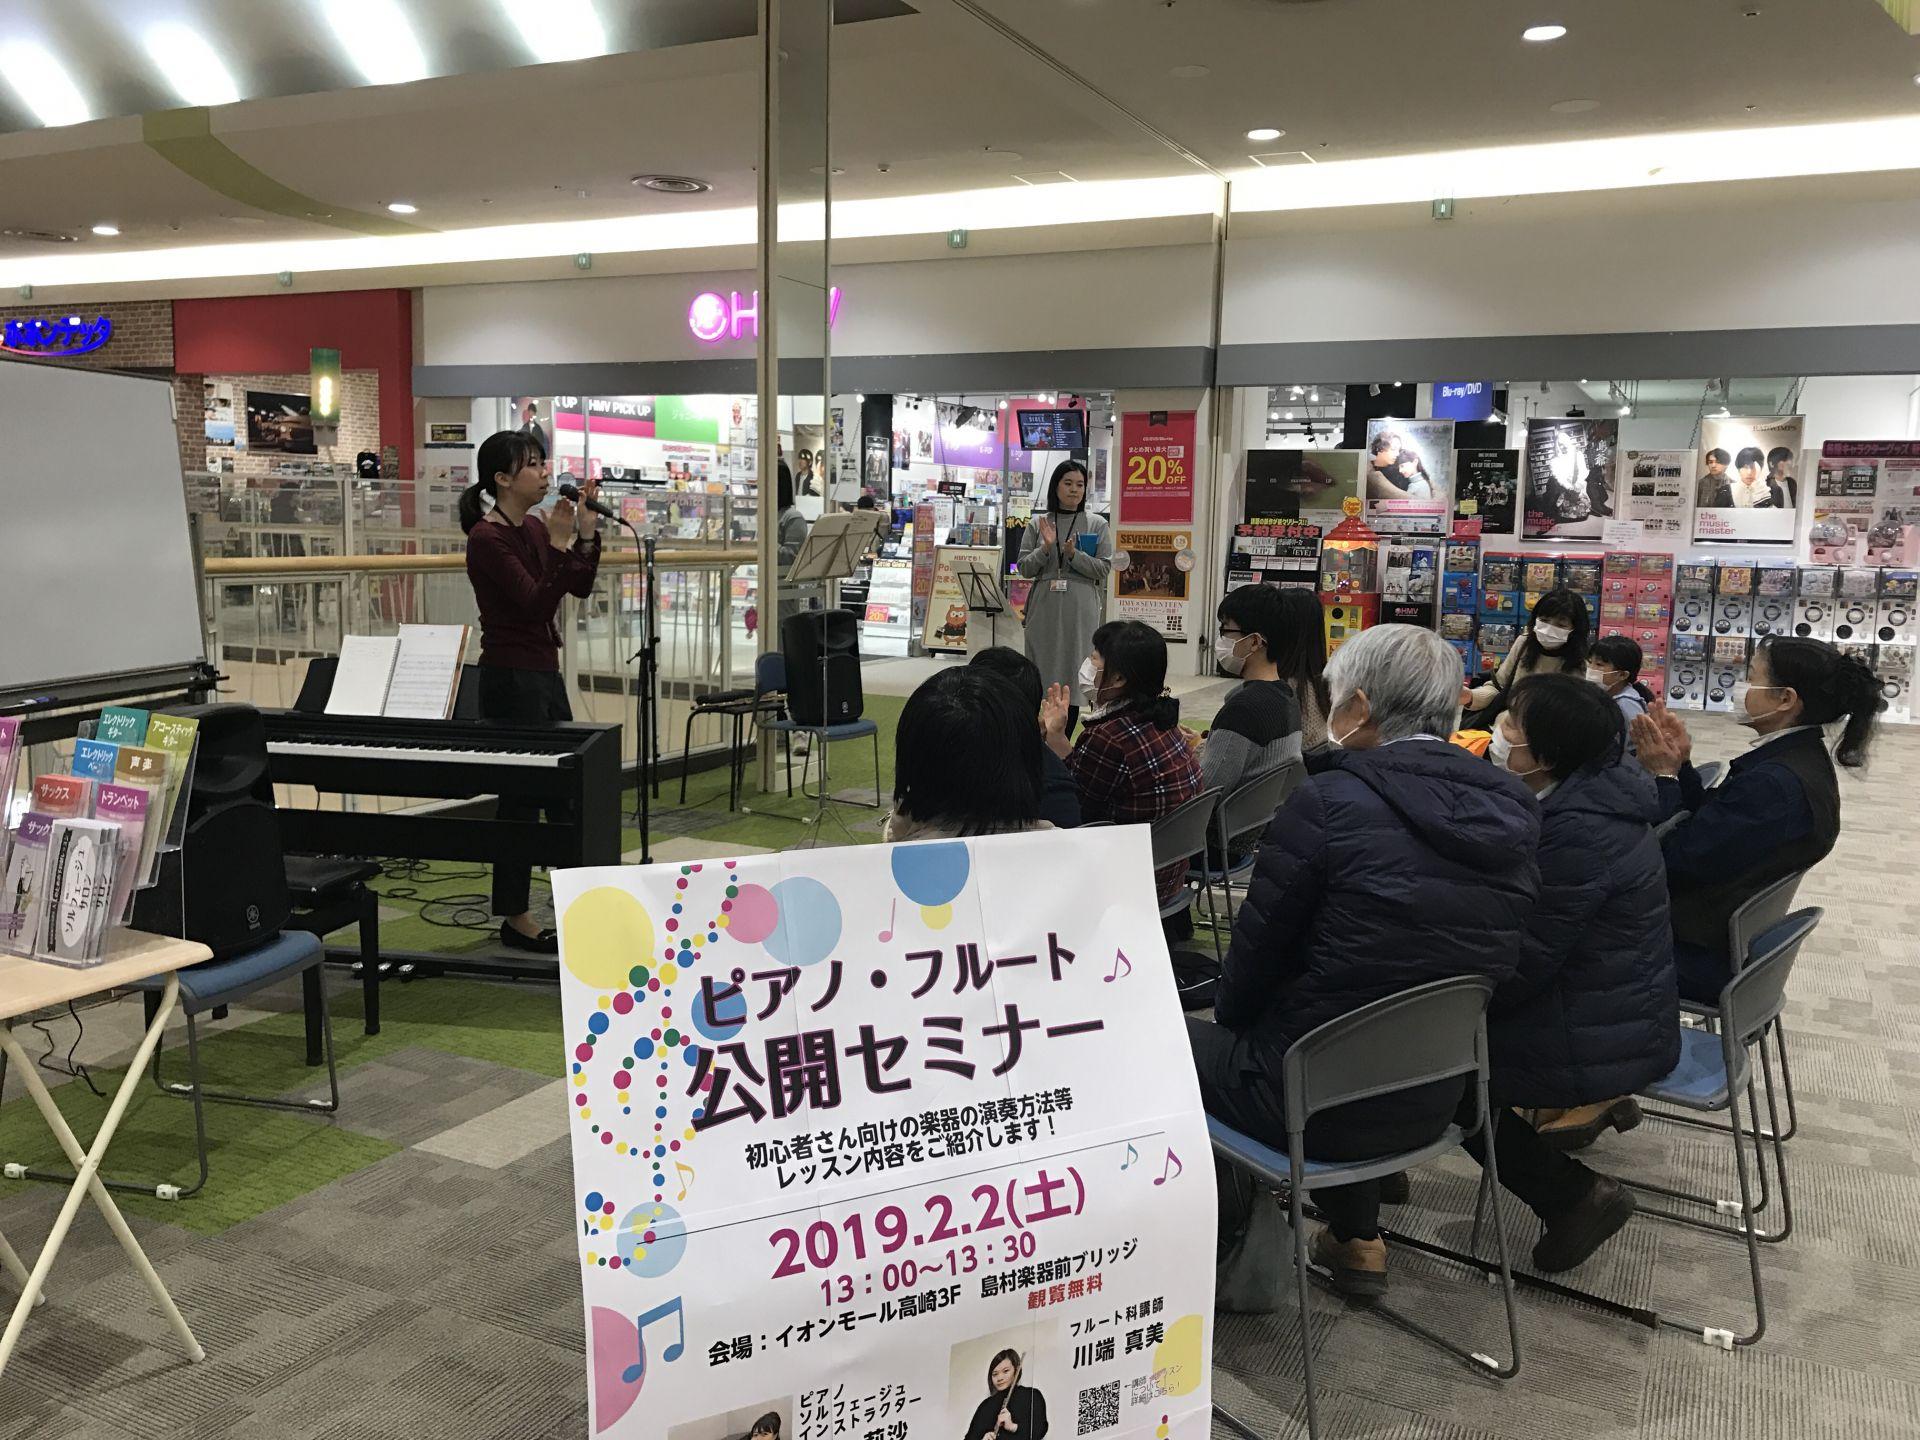 公開セミナー ピアノサロン